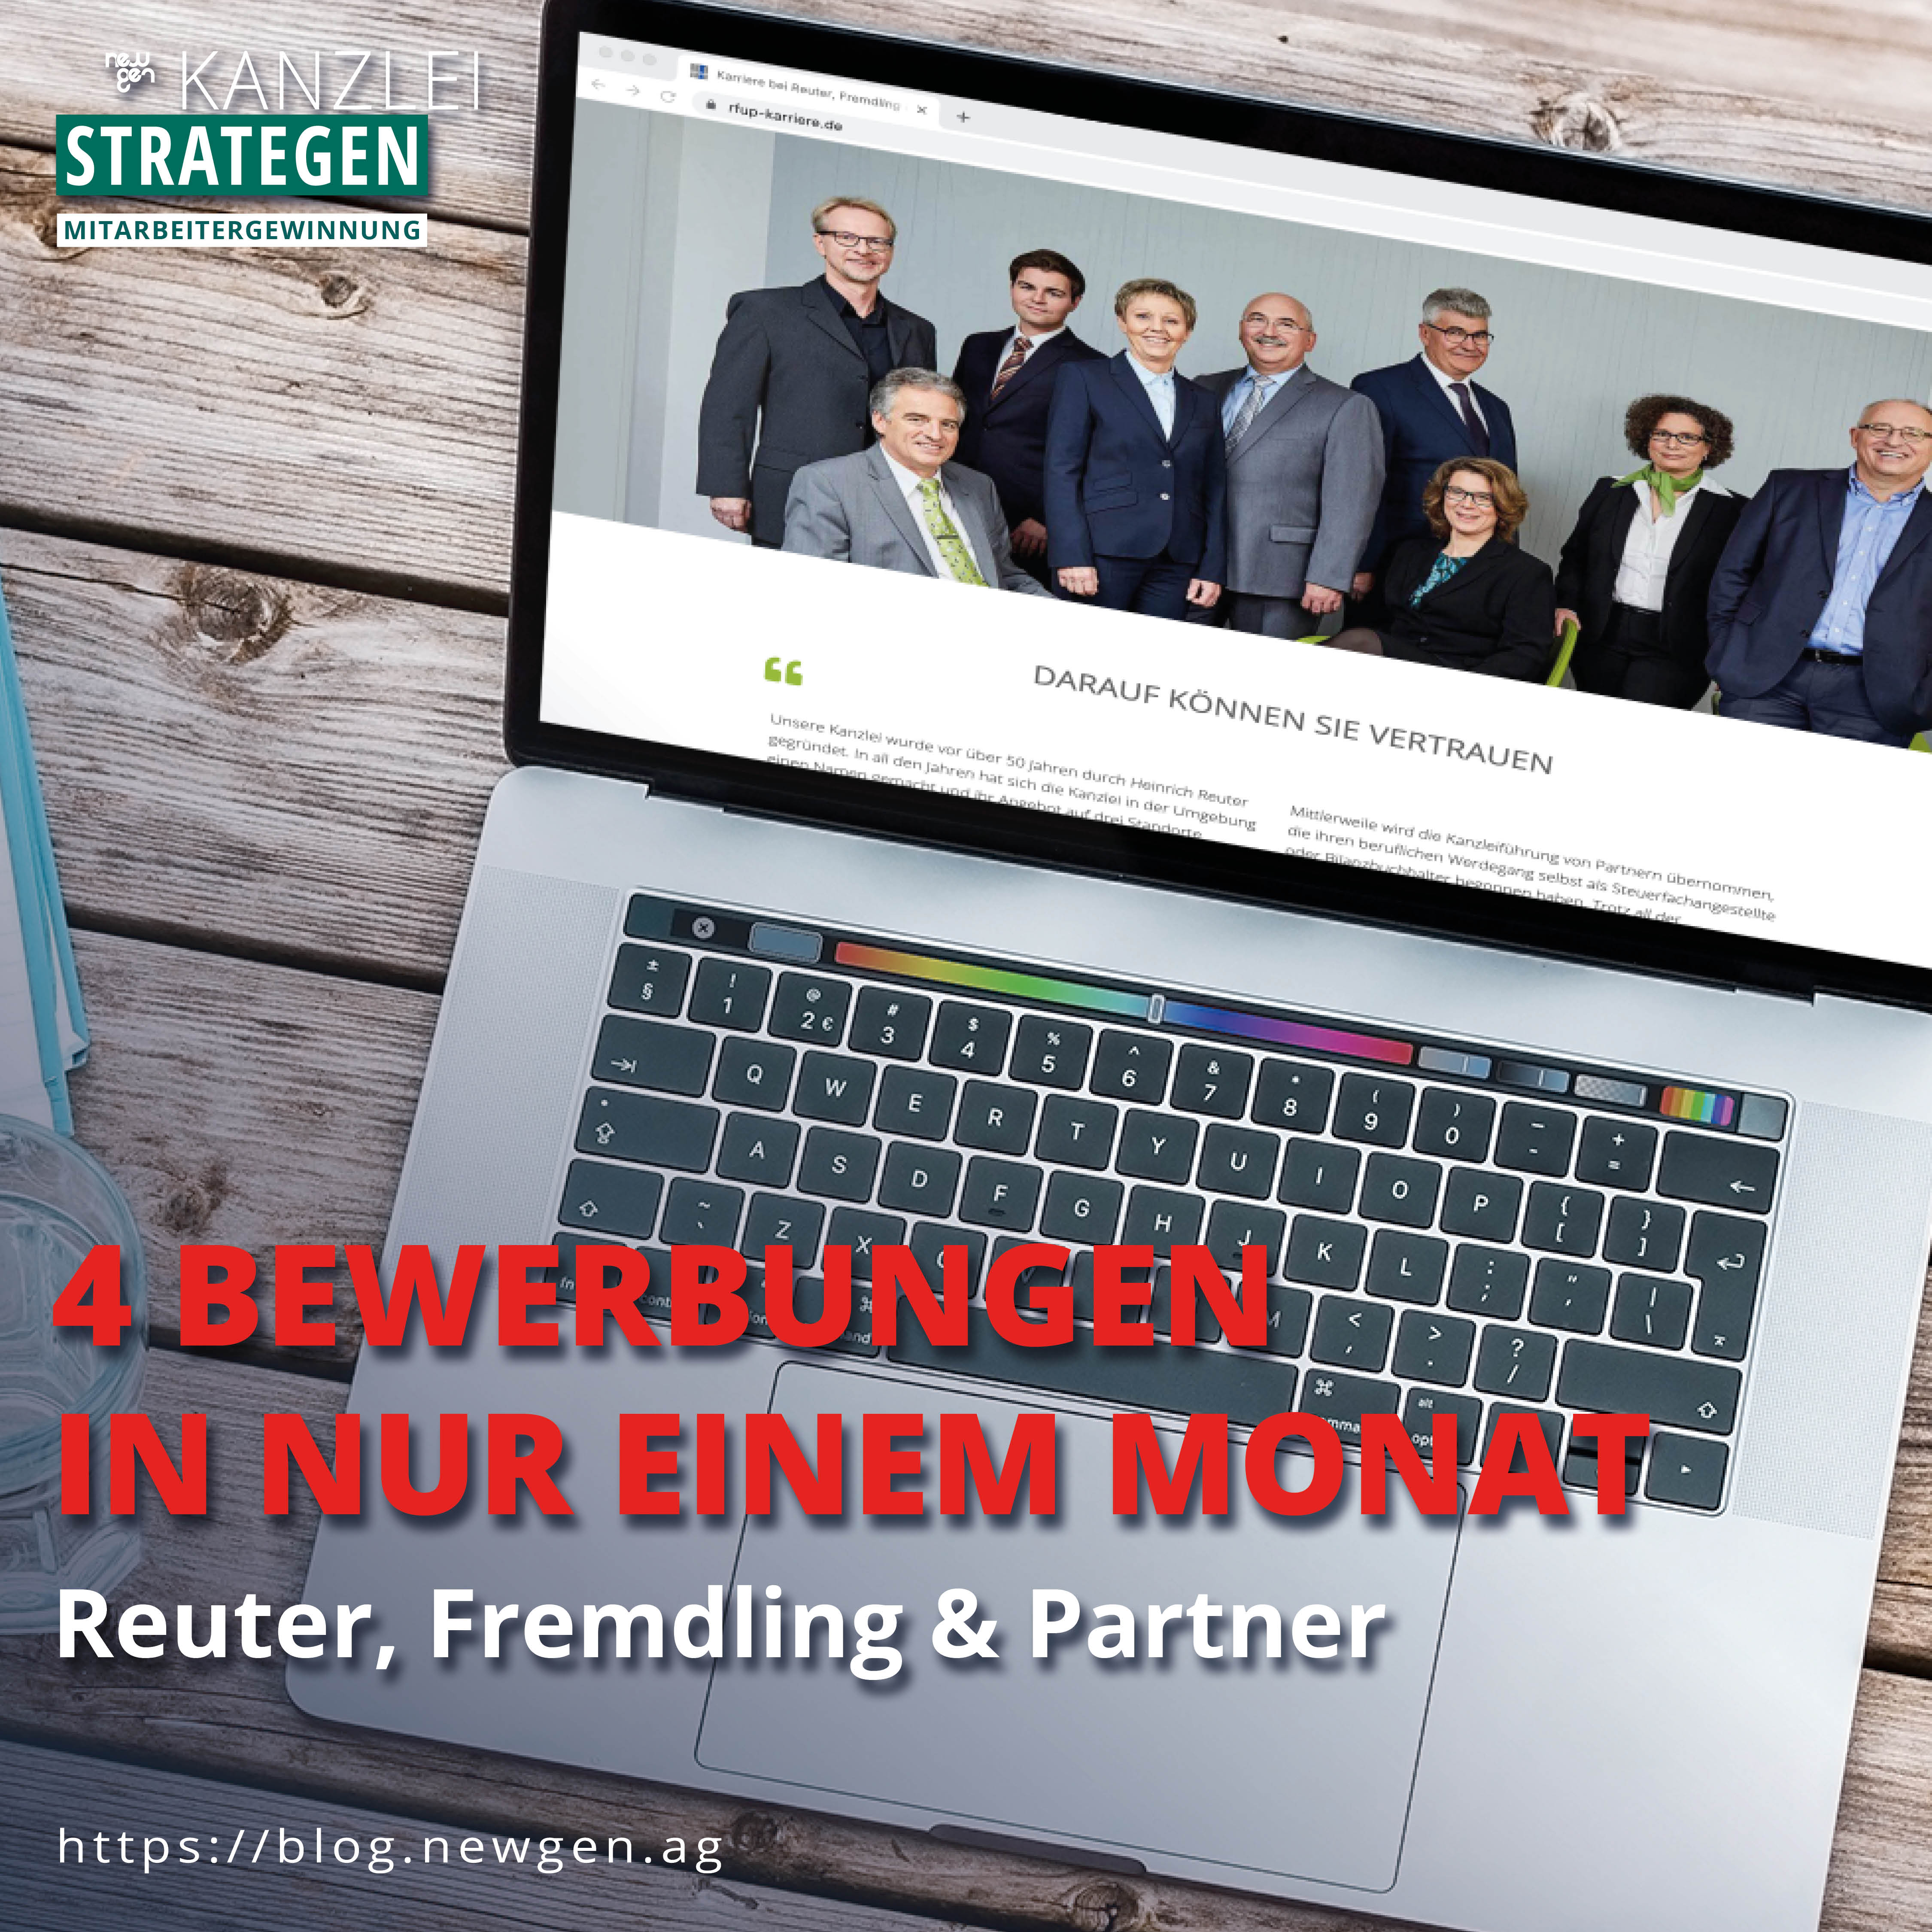 newgen Mitarbeitergewinnung – Reuter, Fremdling & Partner